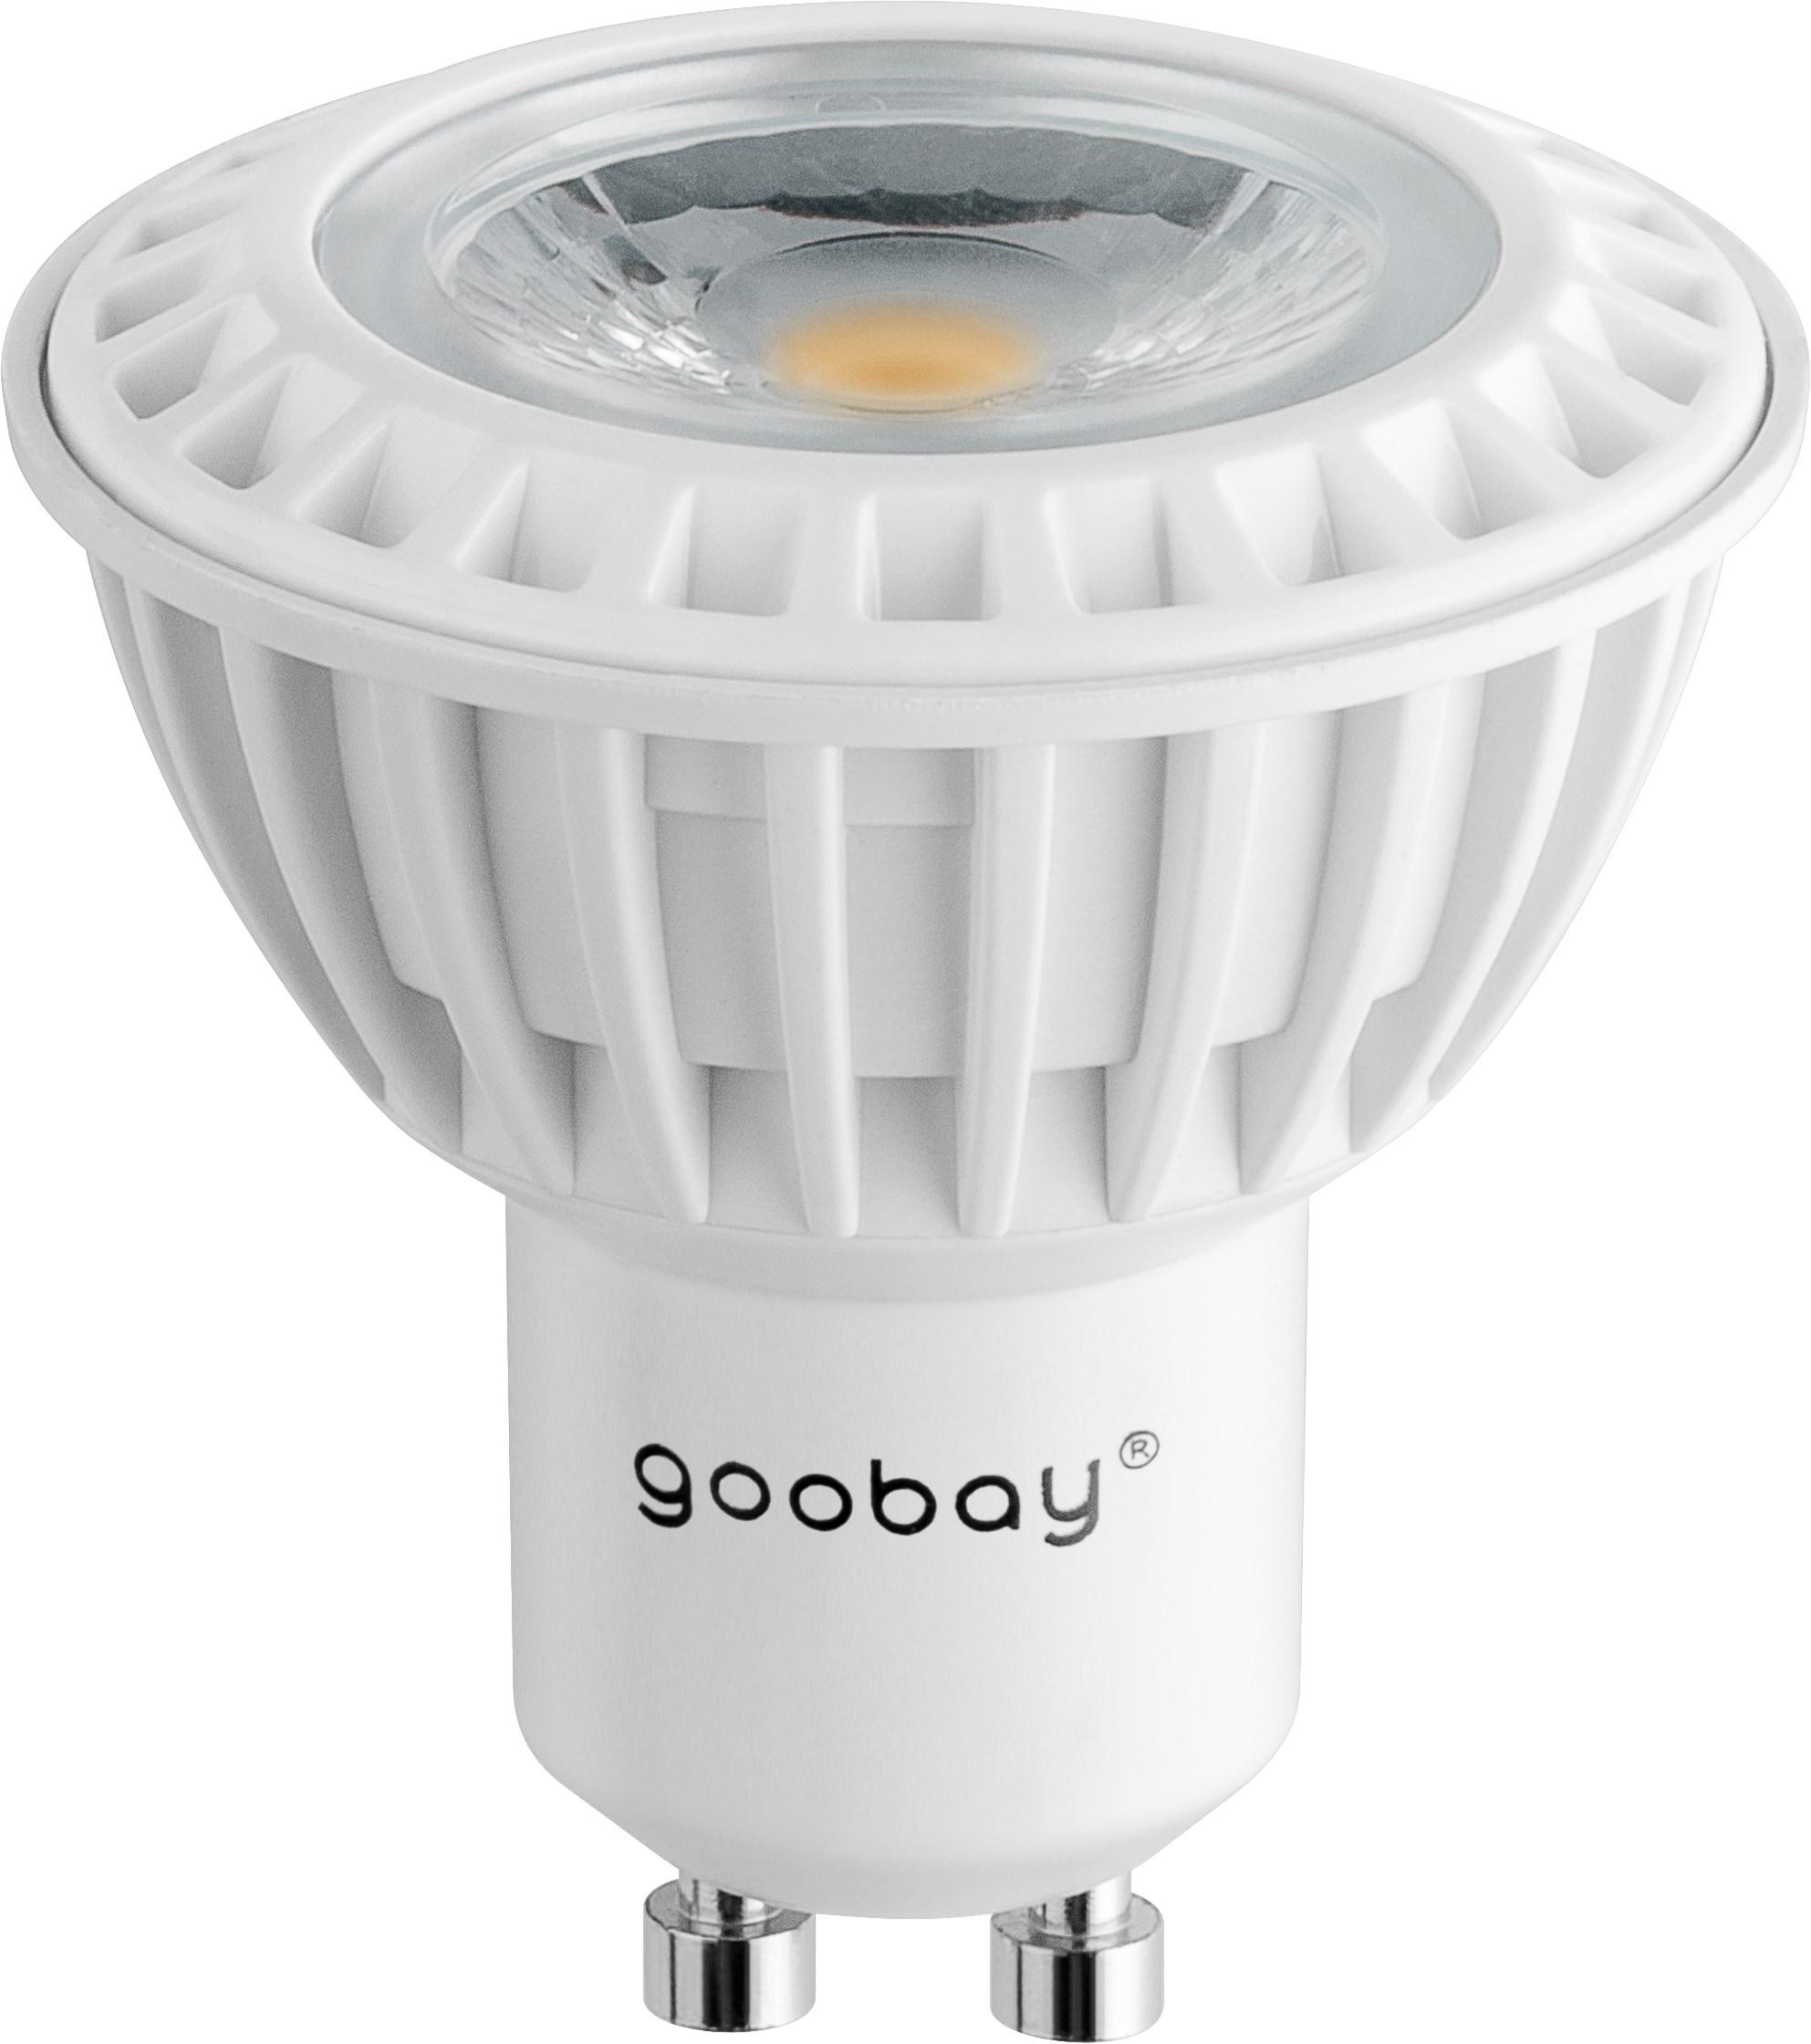 GoobayLEDSpotGU105W400lm_7265_original57dc1731bff91 Erstaunlich Led Leuchtmittel Gu 10 Dekorationen